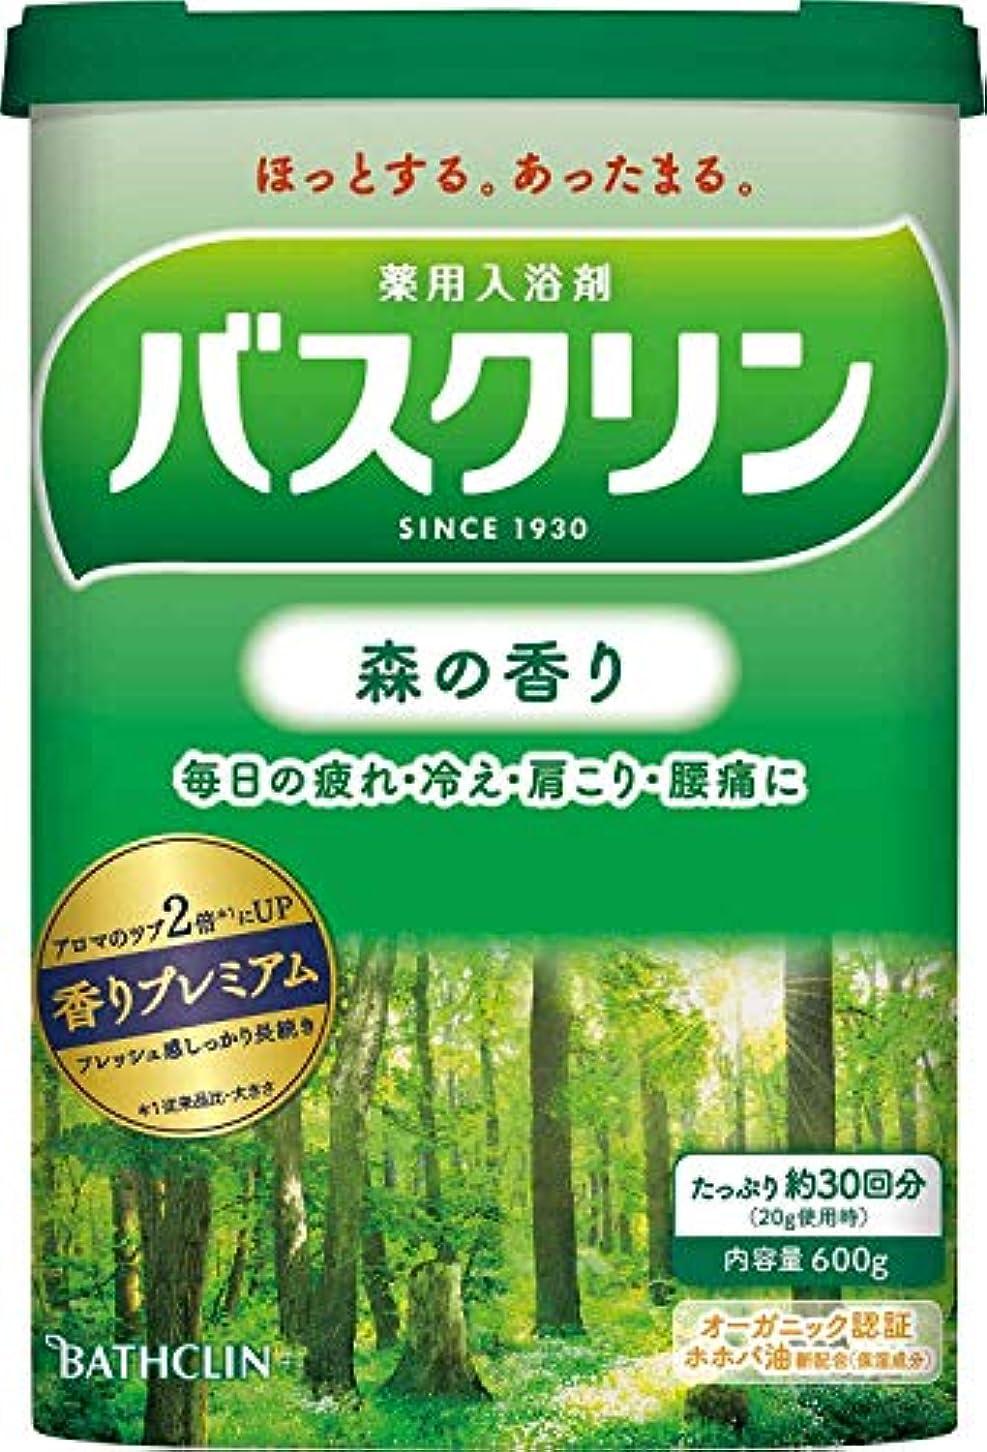 【医薬部外品】バスクリン森の香り600g入浴剤(約30回分)